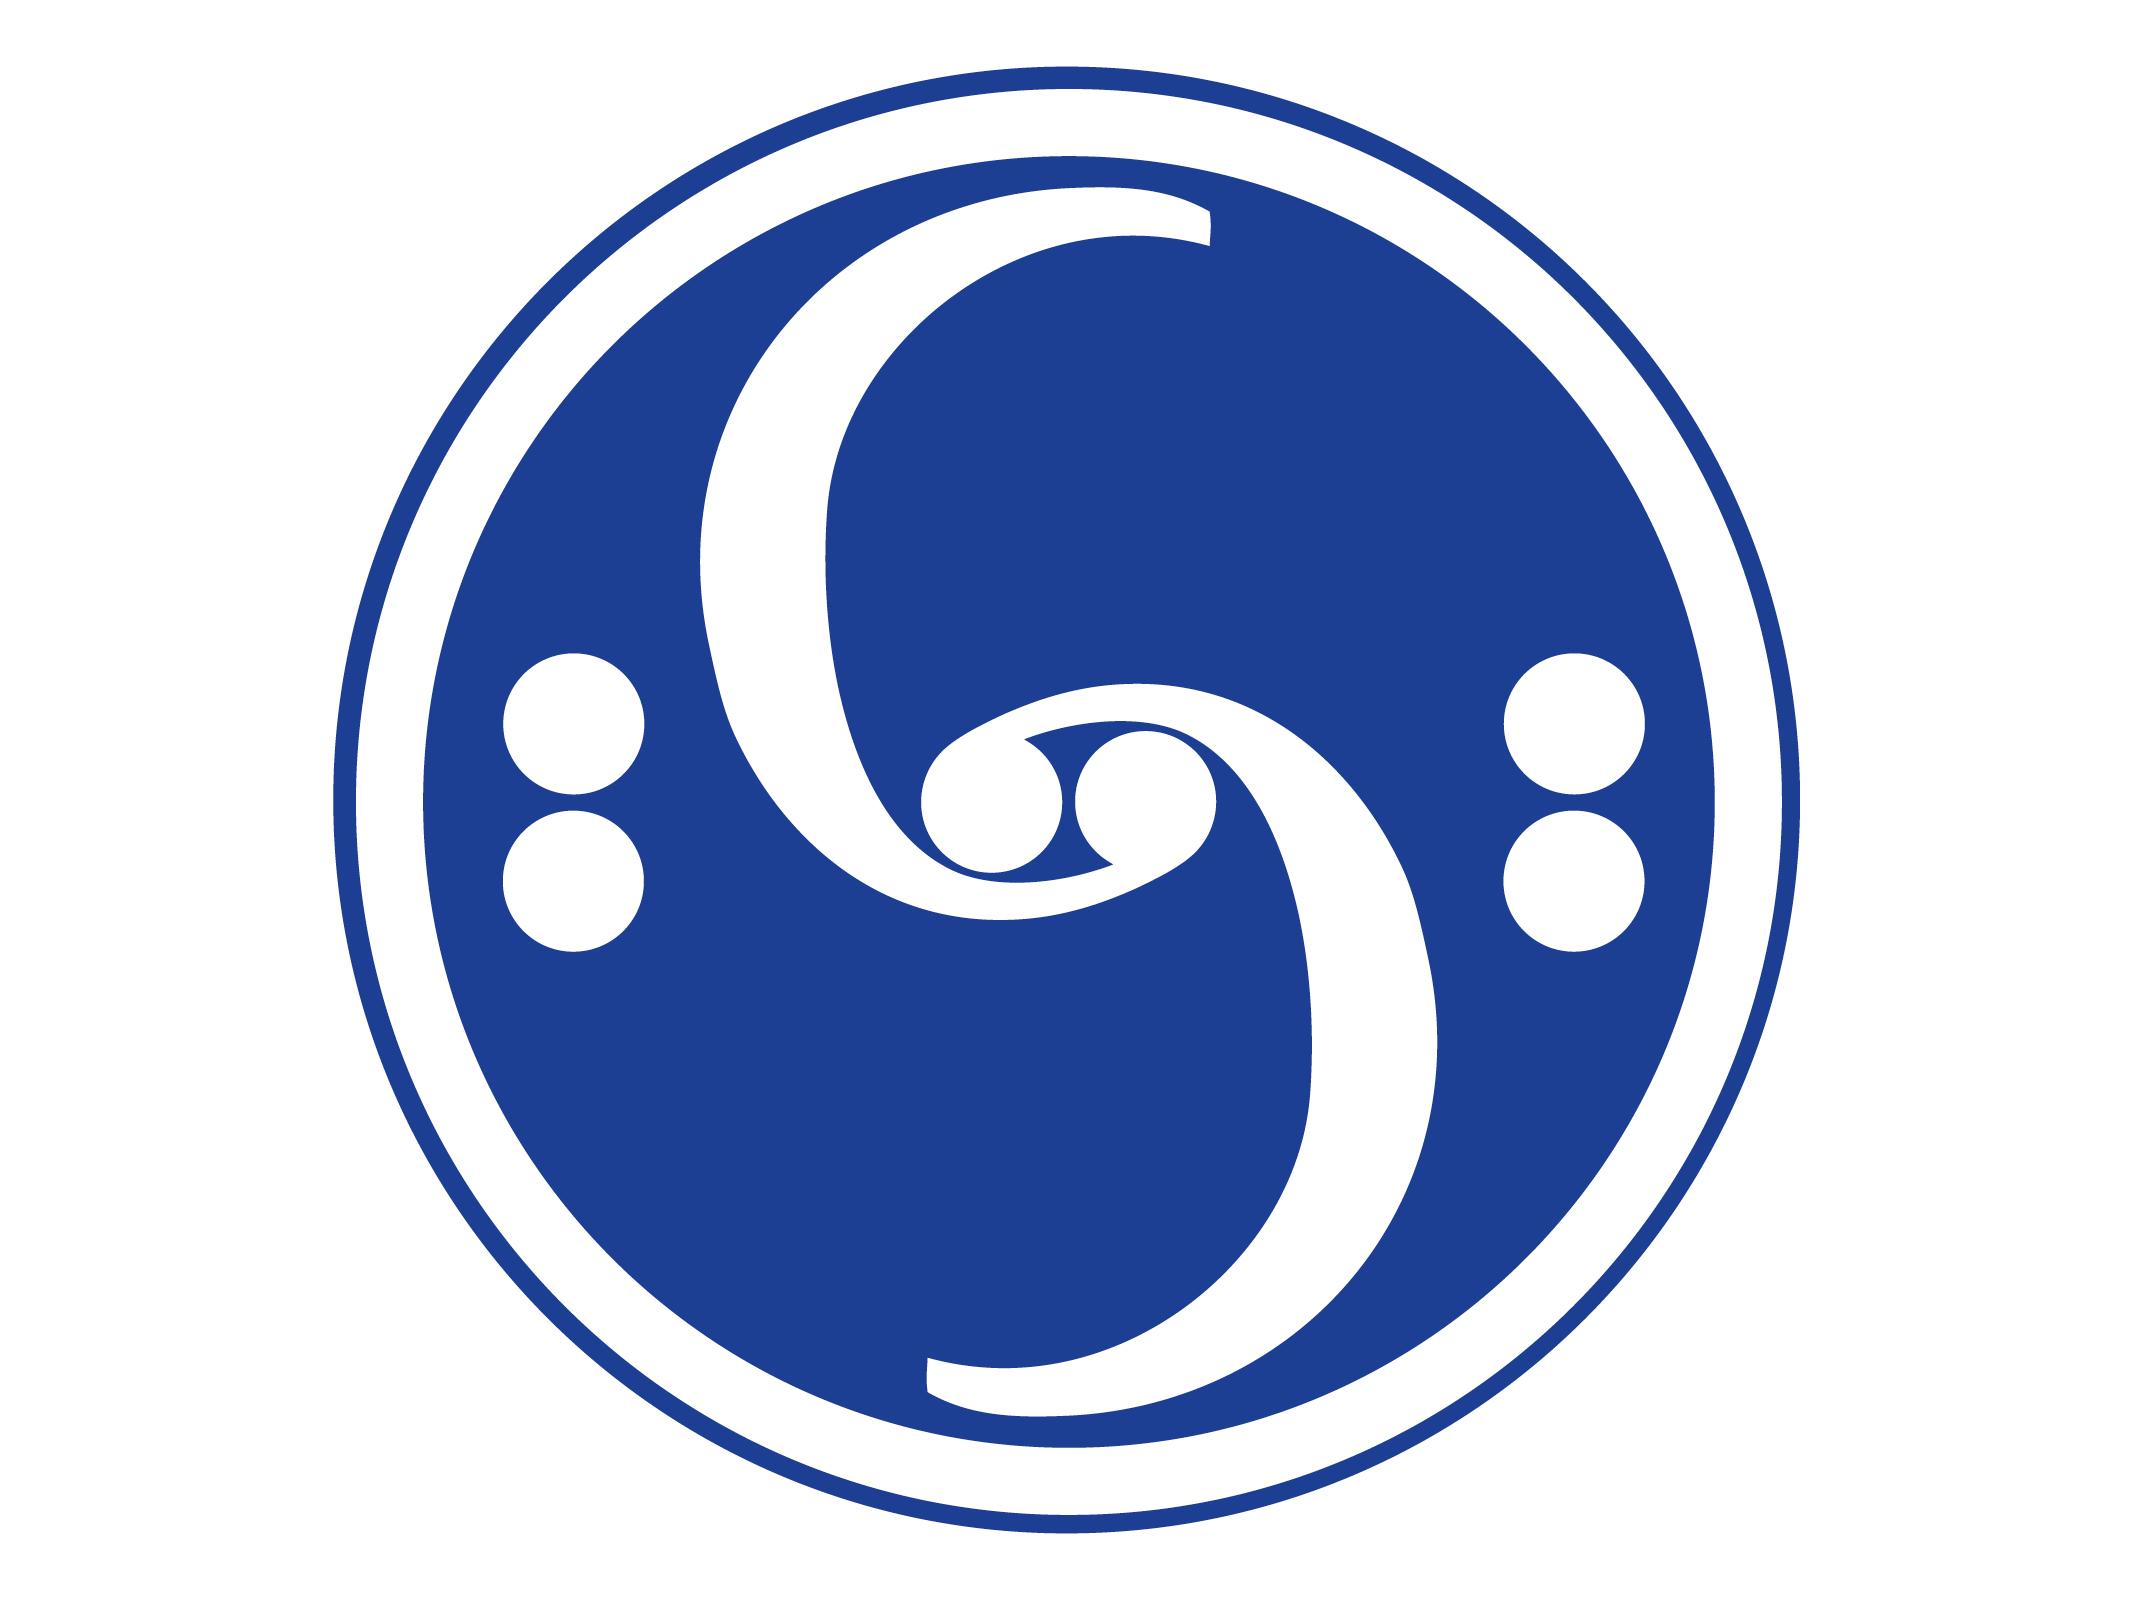 Blueroom logos pics2.jpg